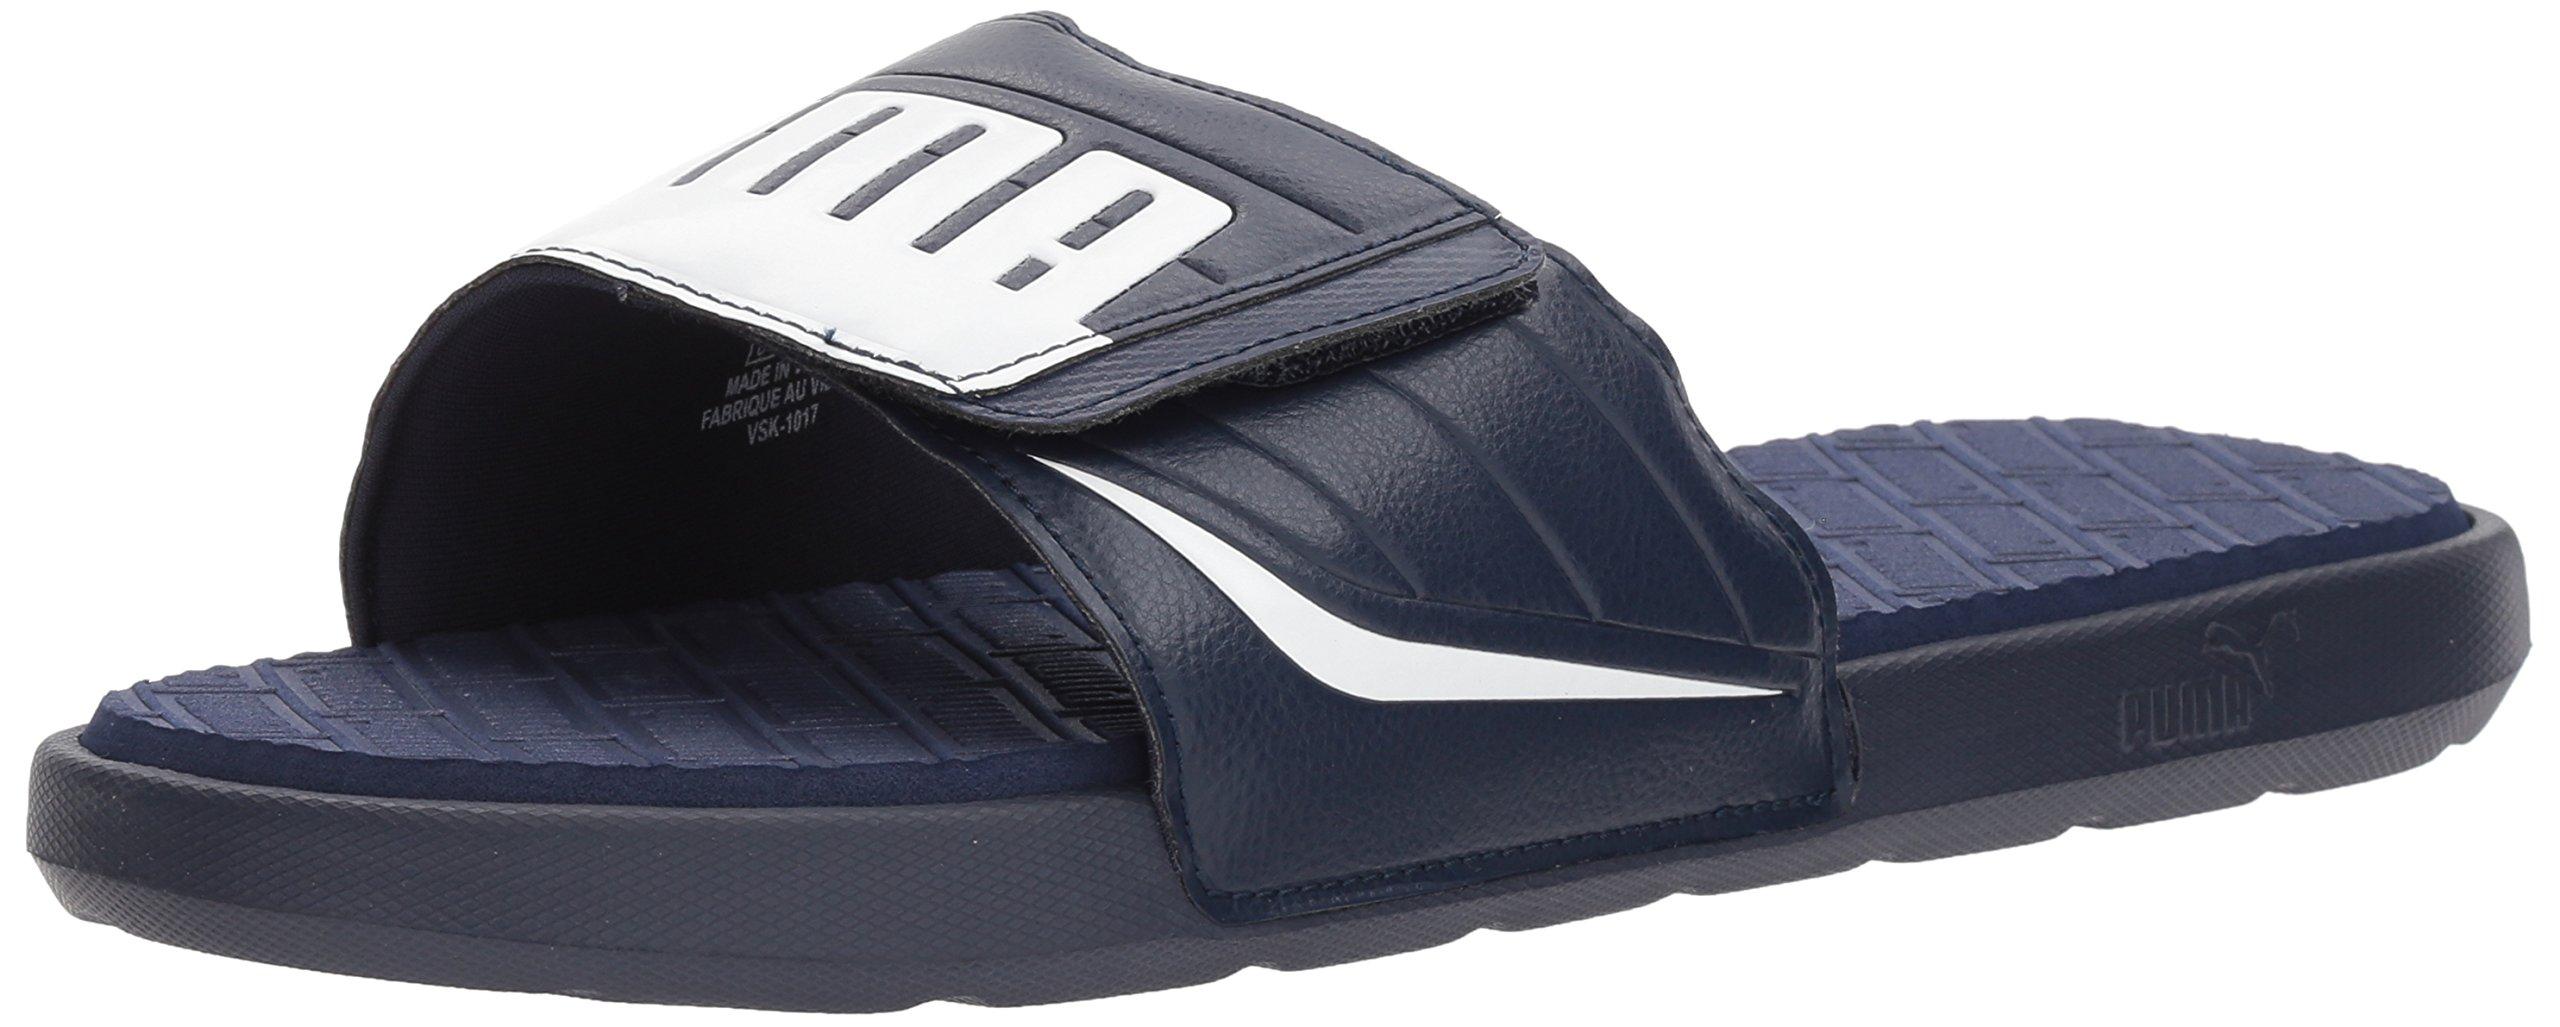 PUMA Men's Starcat Bold Plus Slide Sandal, Peacoat White, 4 M US